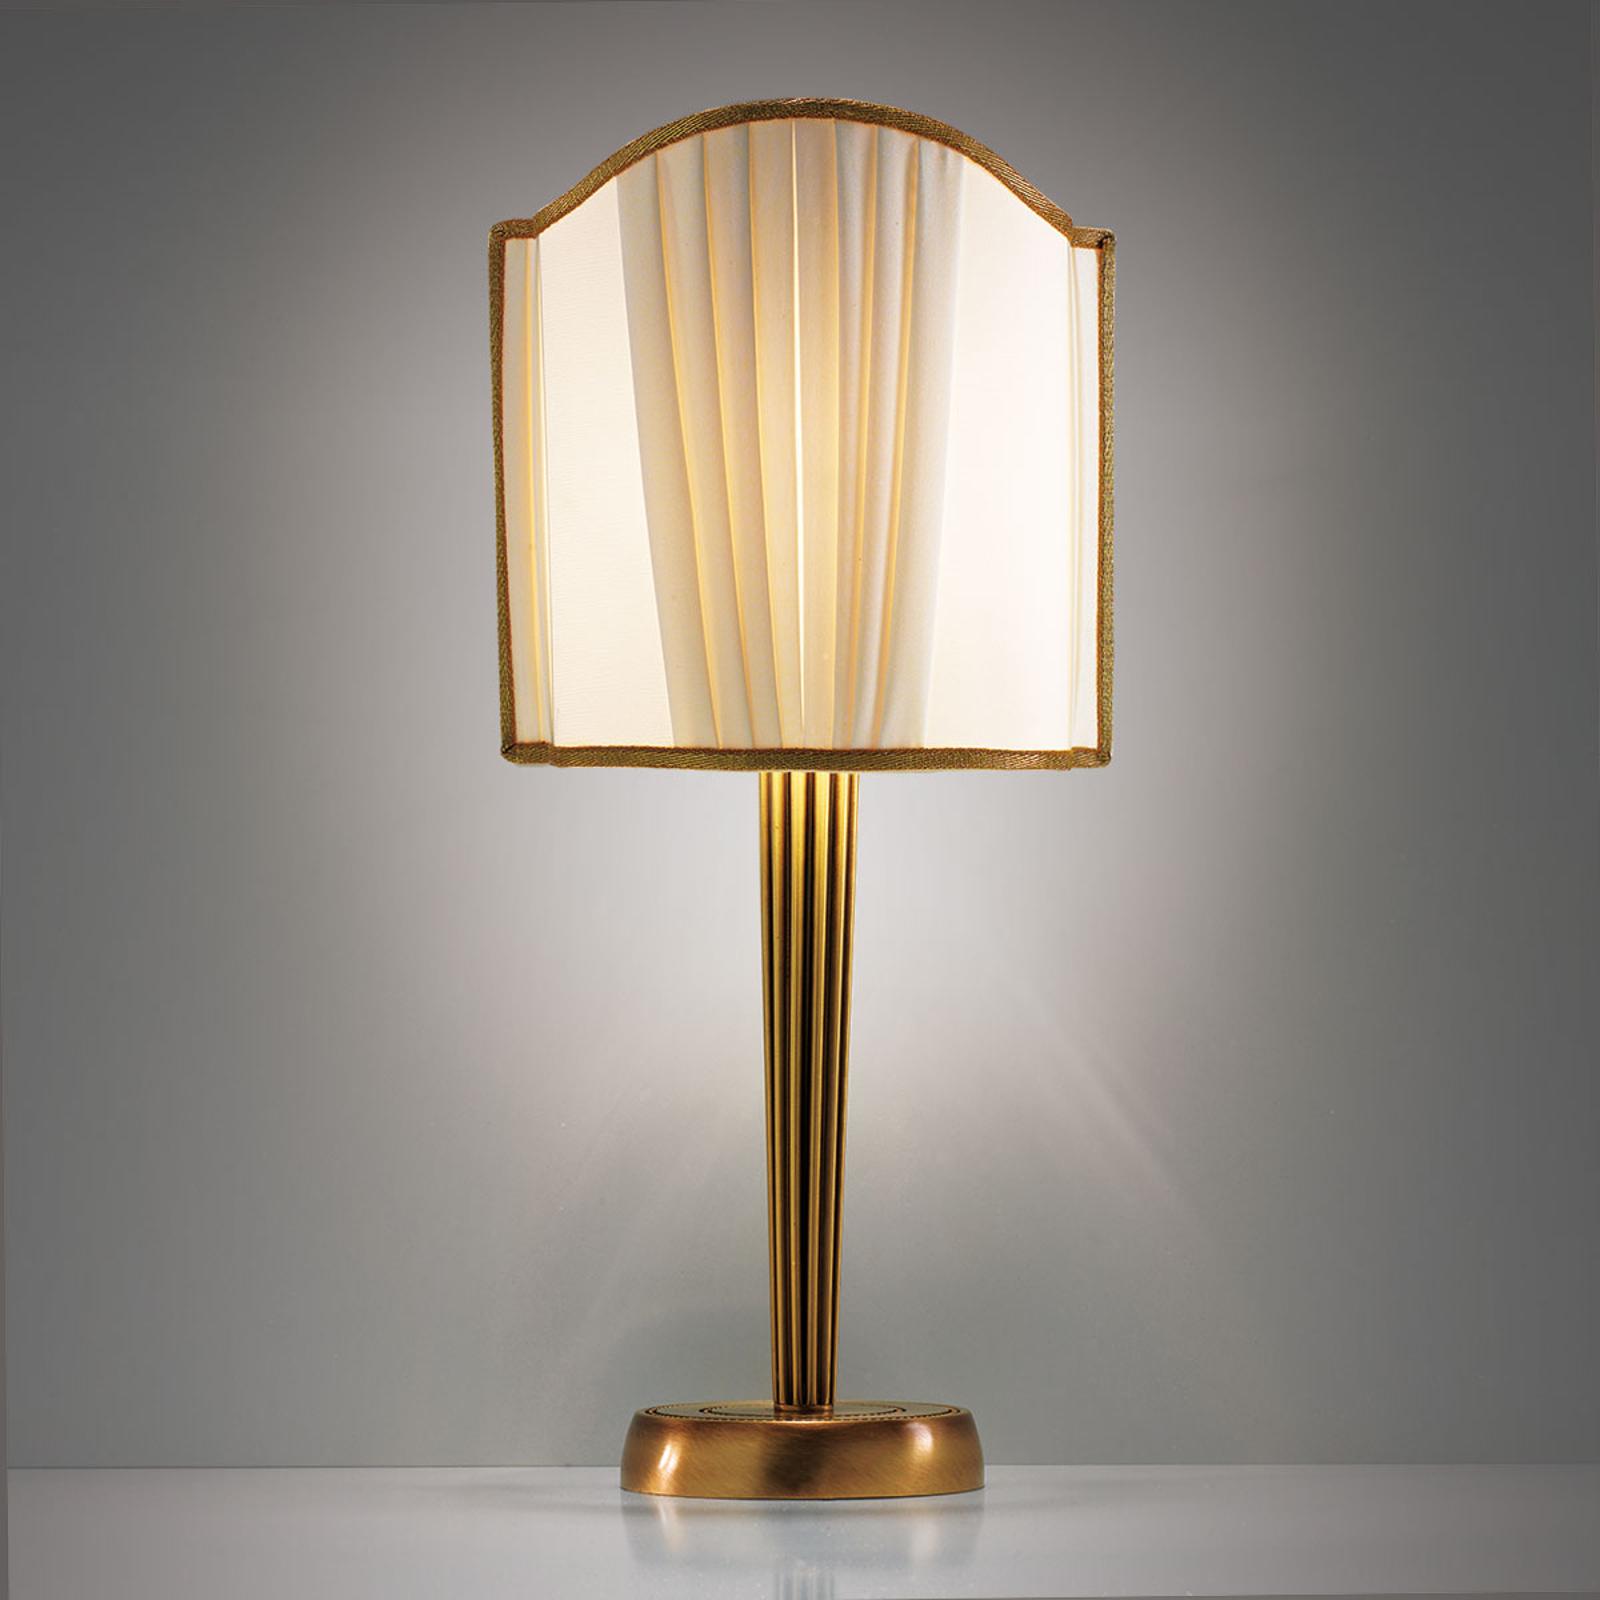 Stolní lampa Belle Epoque, 20 cm vysoká